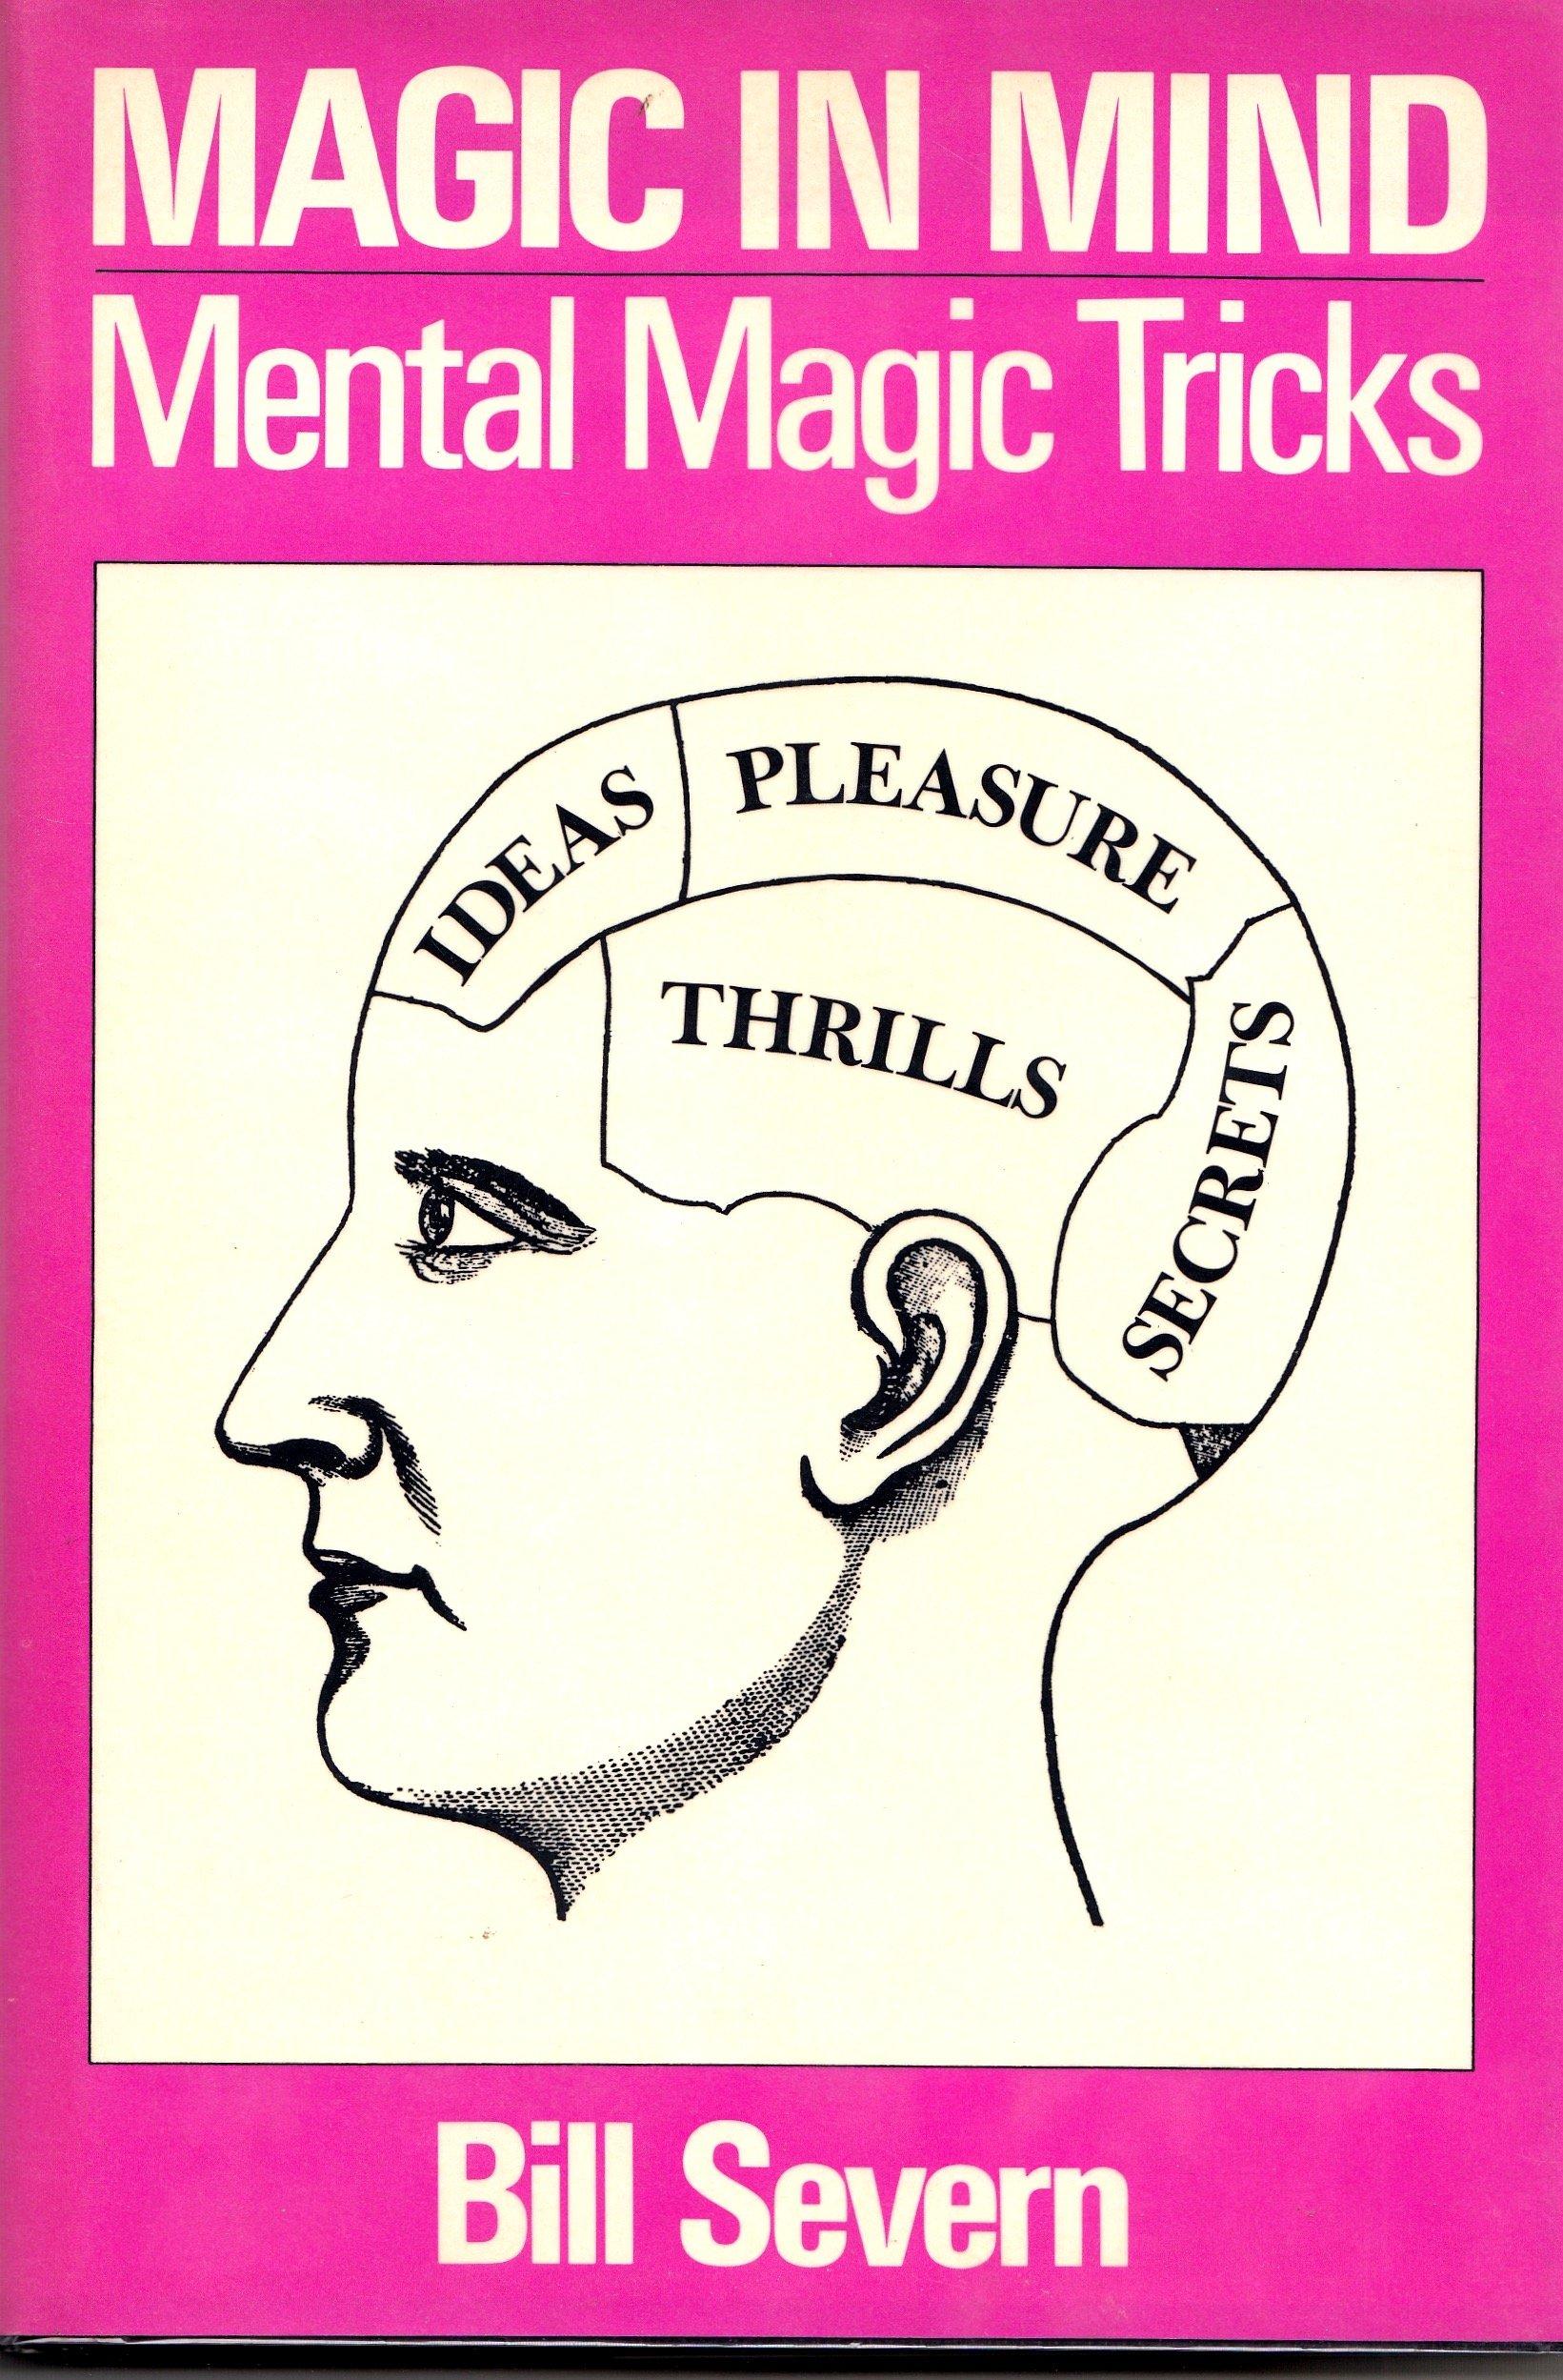 Magic in Mind: Mental Magic Tricks: Bill Severn